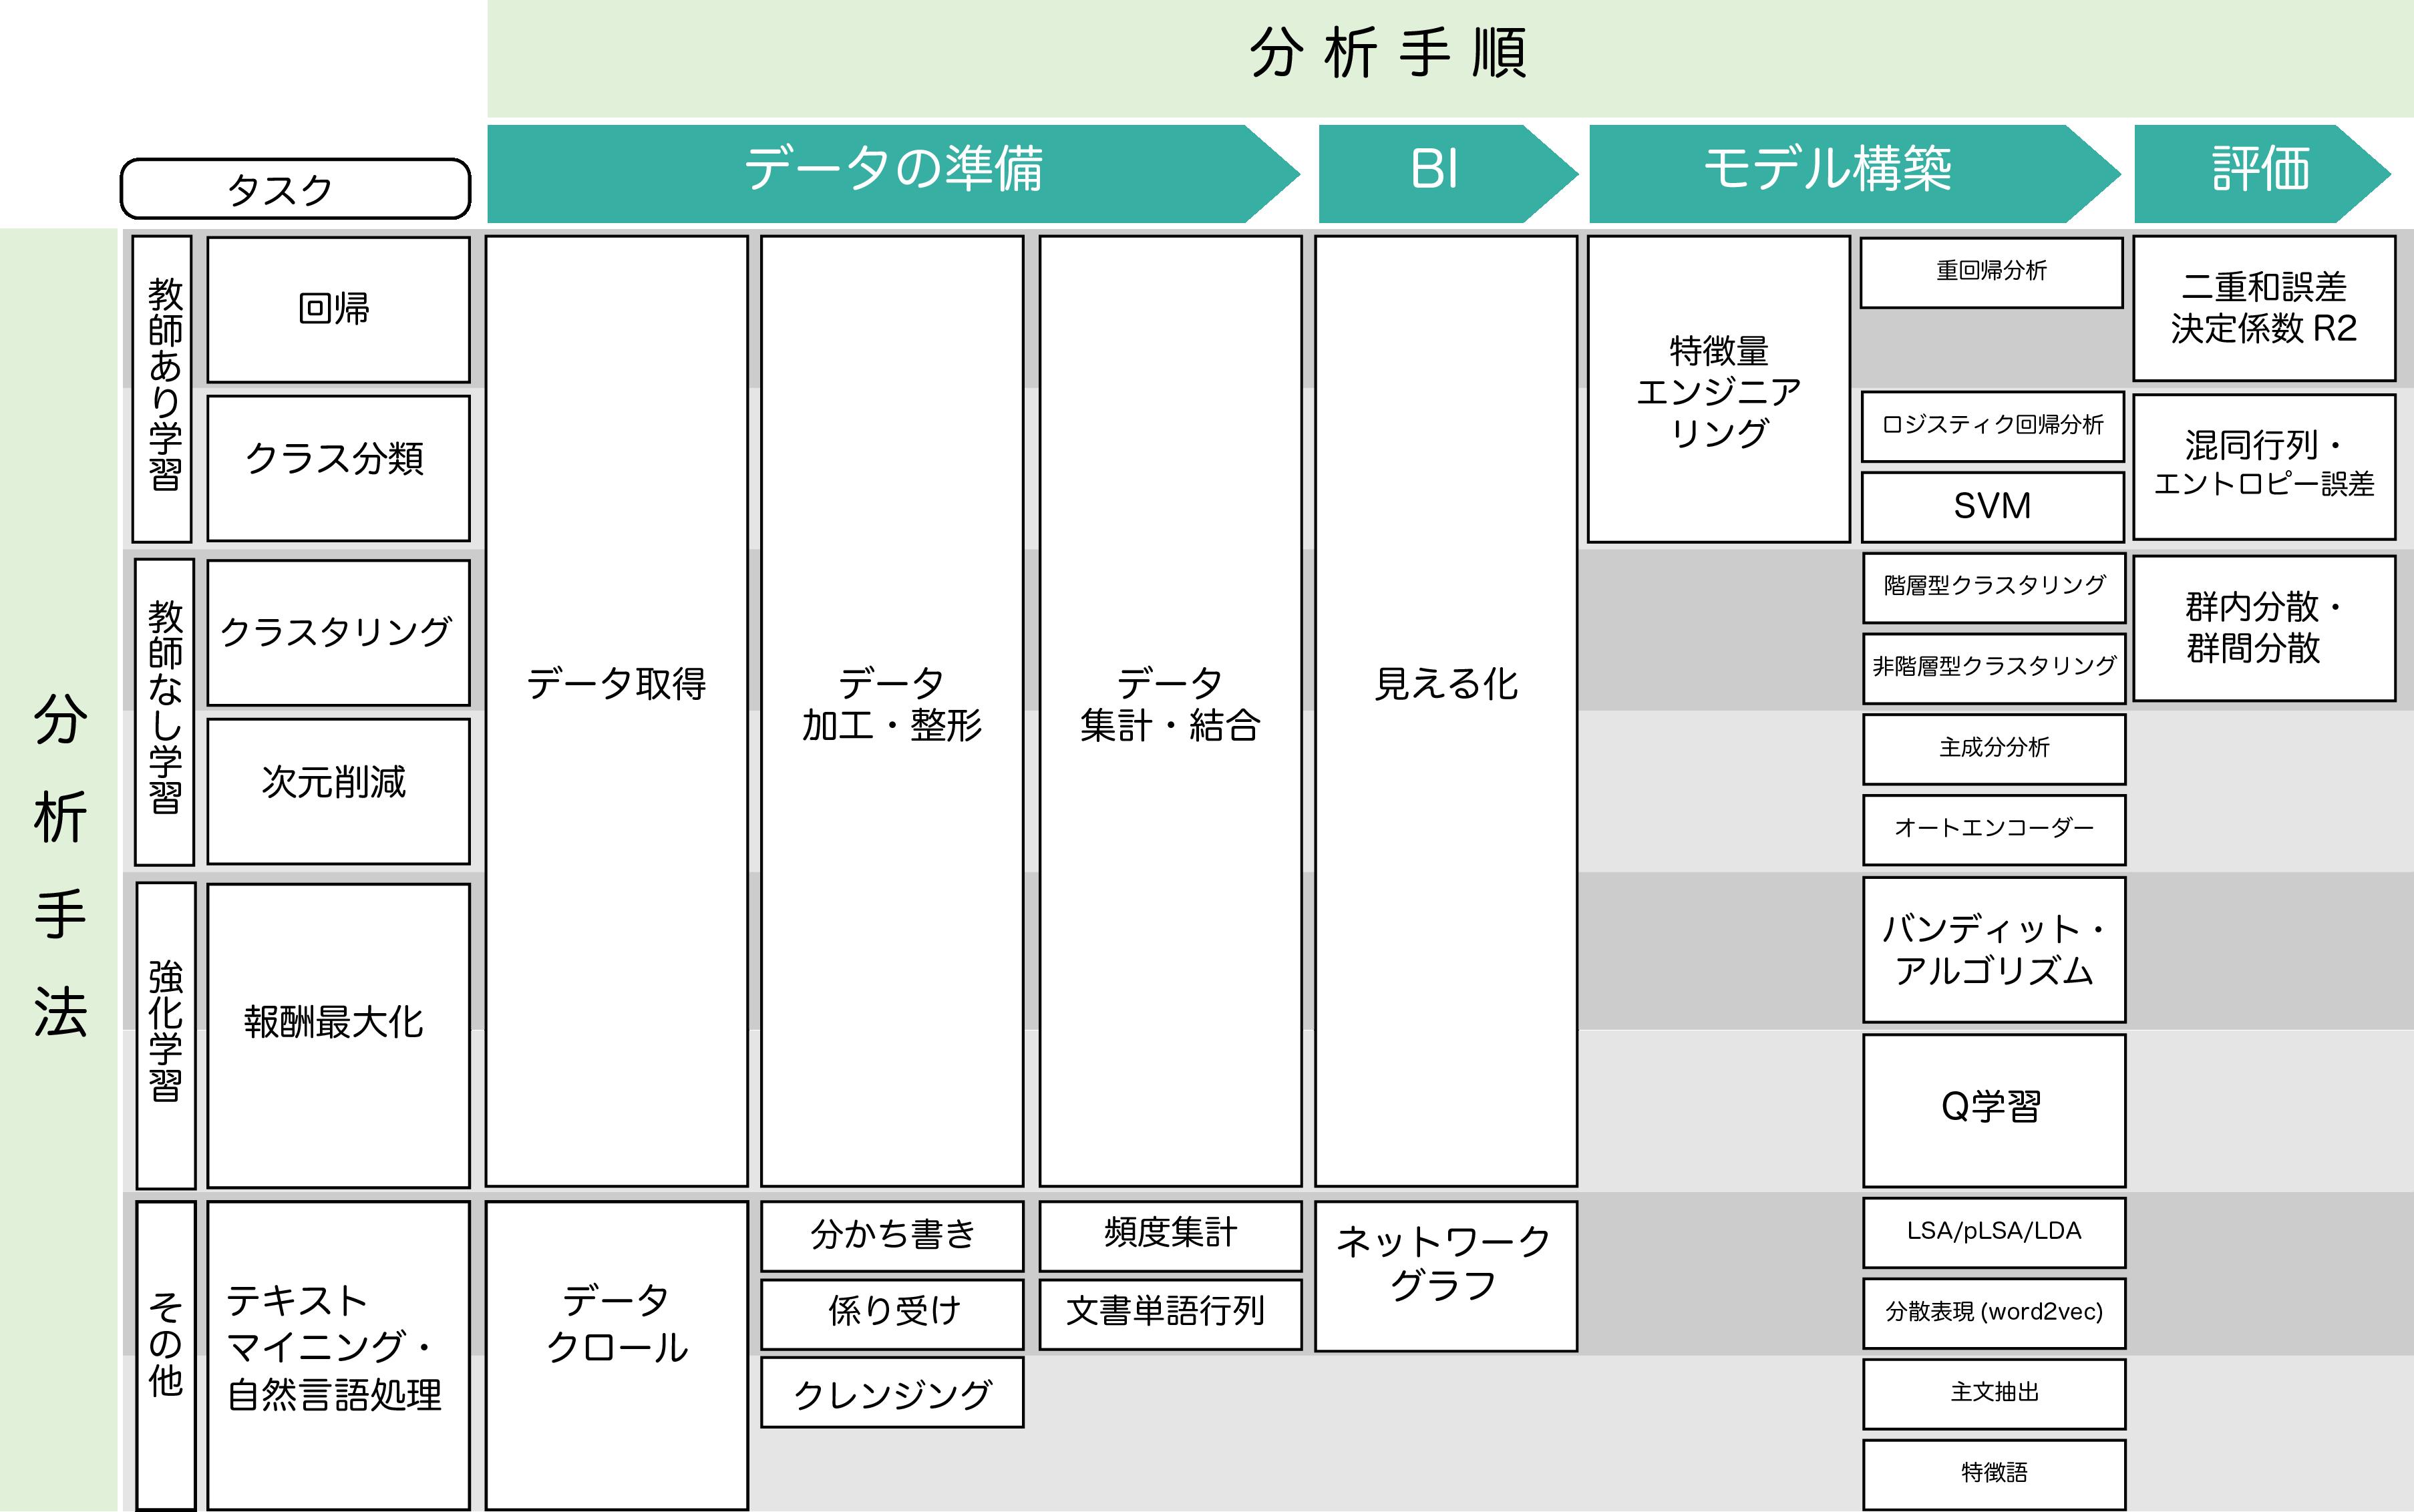 解析技術マップ